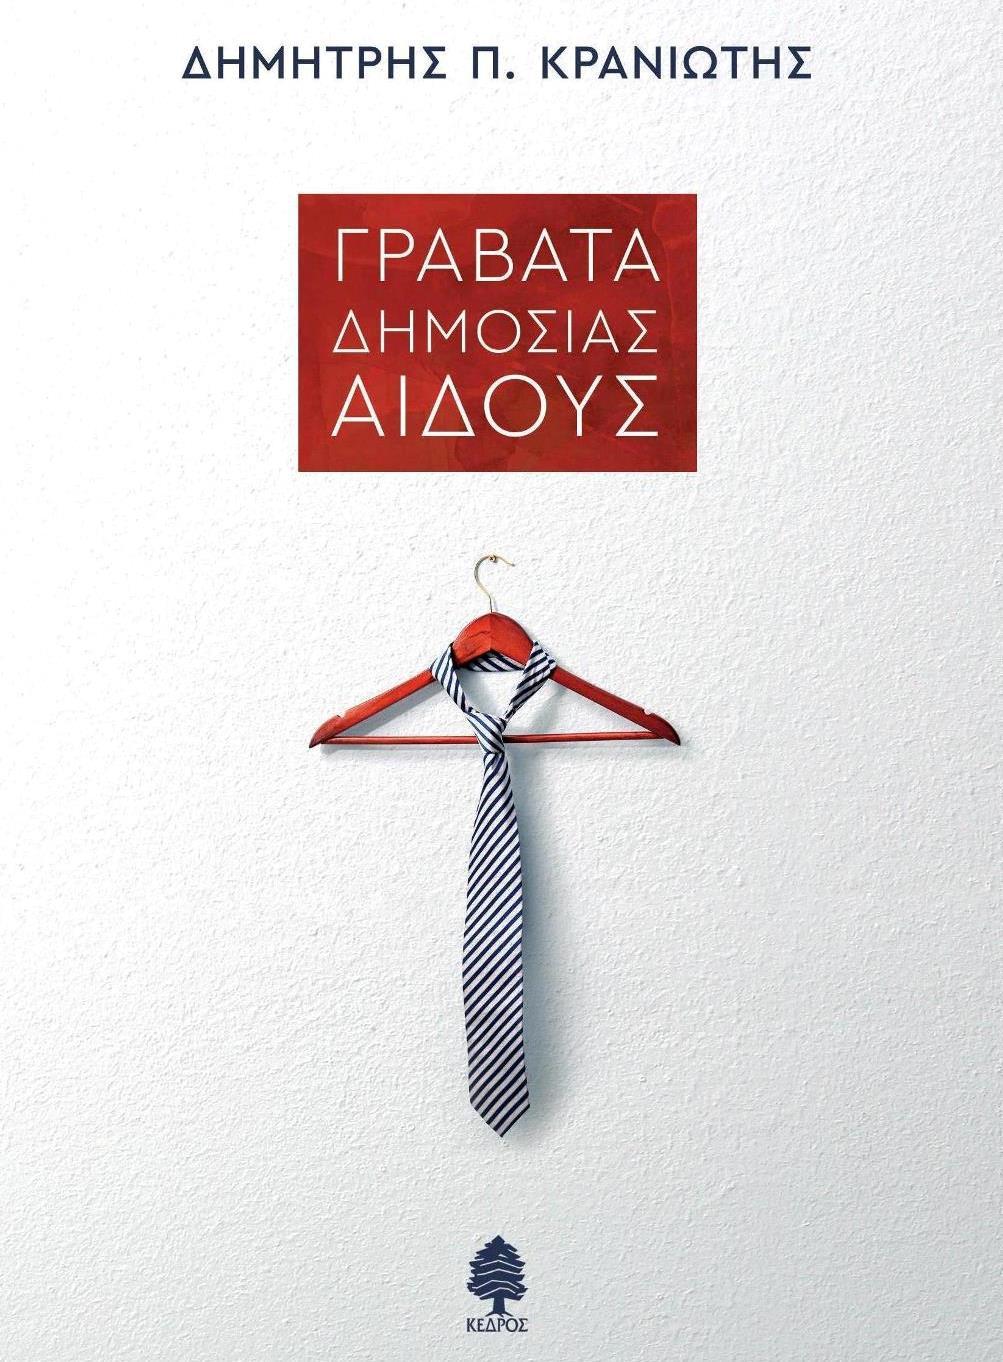 Γραβάτα Δημοσίας Αιδούς του Δημήτρη Π. Κρανιώτη